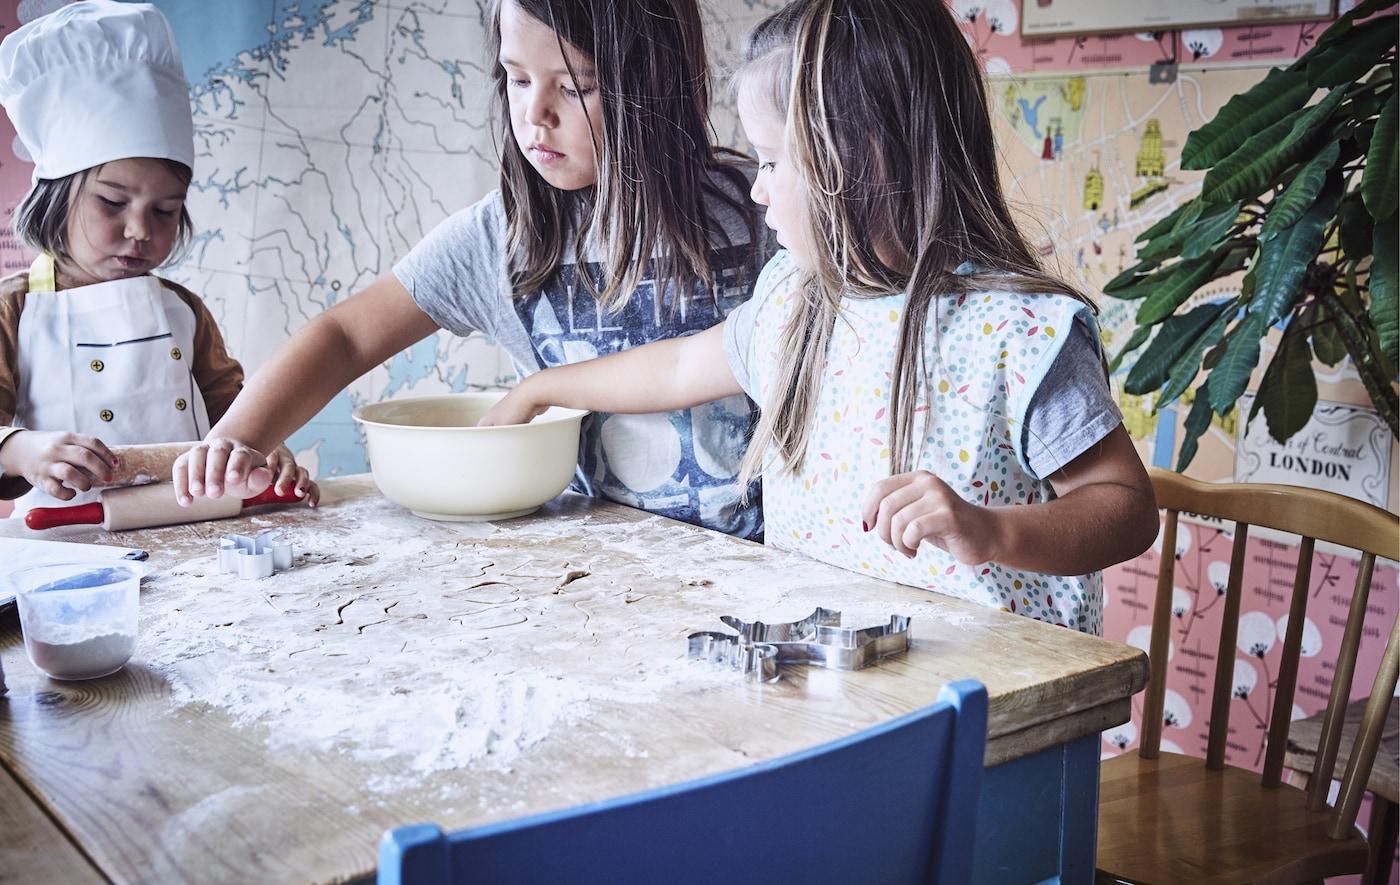 小麦粉、生地、お菓子づくりの道具を置いたテーブルのまわりに立つ3人の子どもたち。